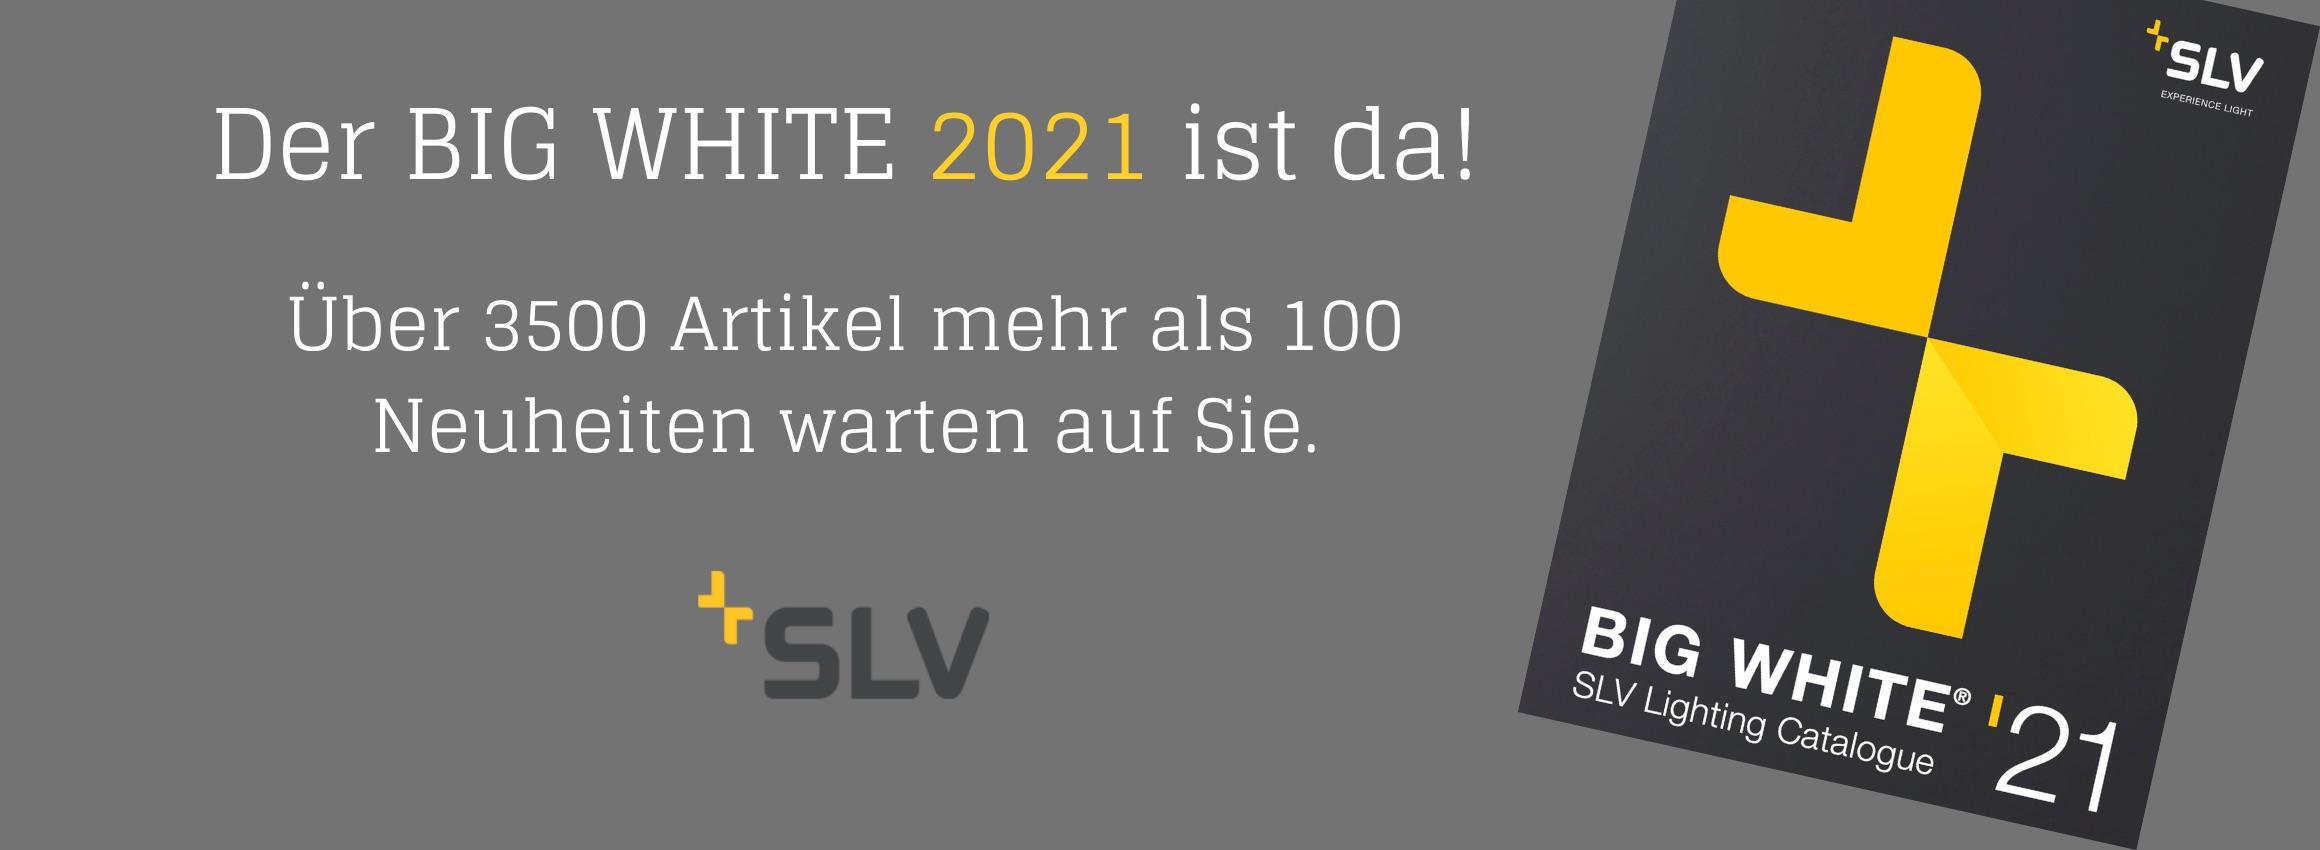 slv-big-white-katalog